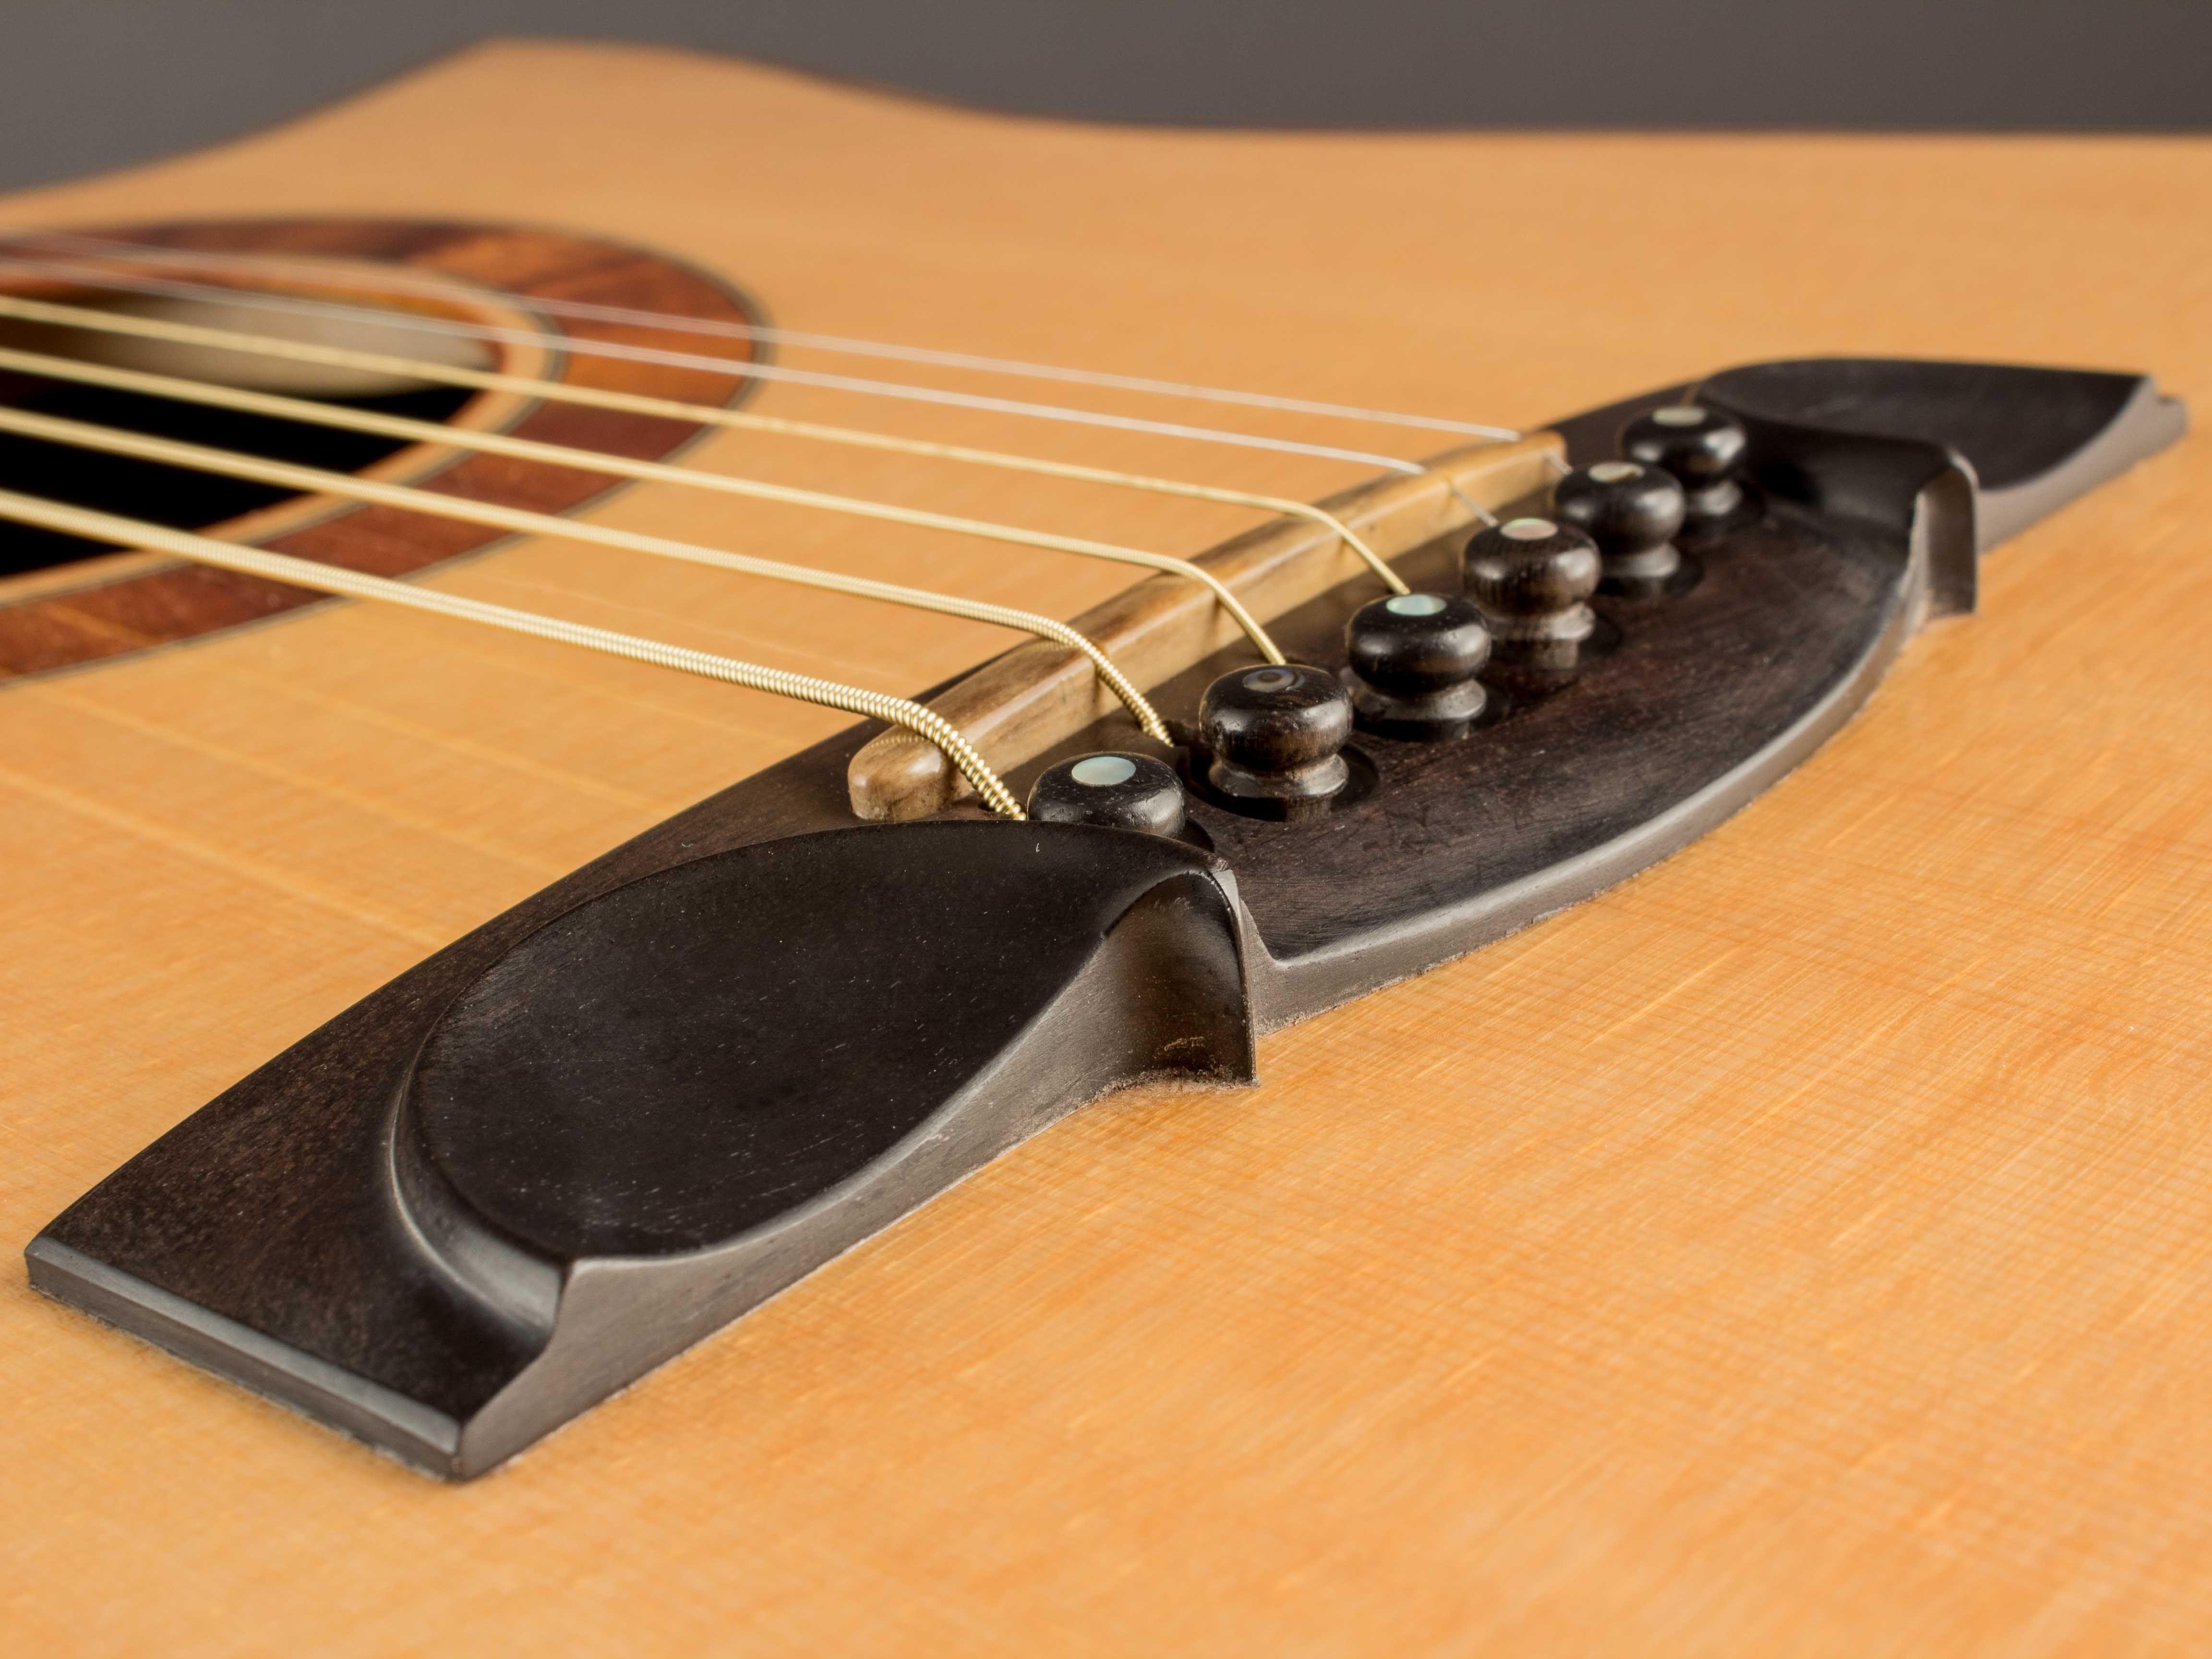 New Dt Guitars Mod D Acoustic Guitar Dt Guitars Mod D Acoustic Guitar Guitar Acoustic Guitar Acoustic